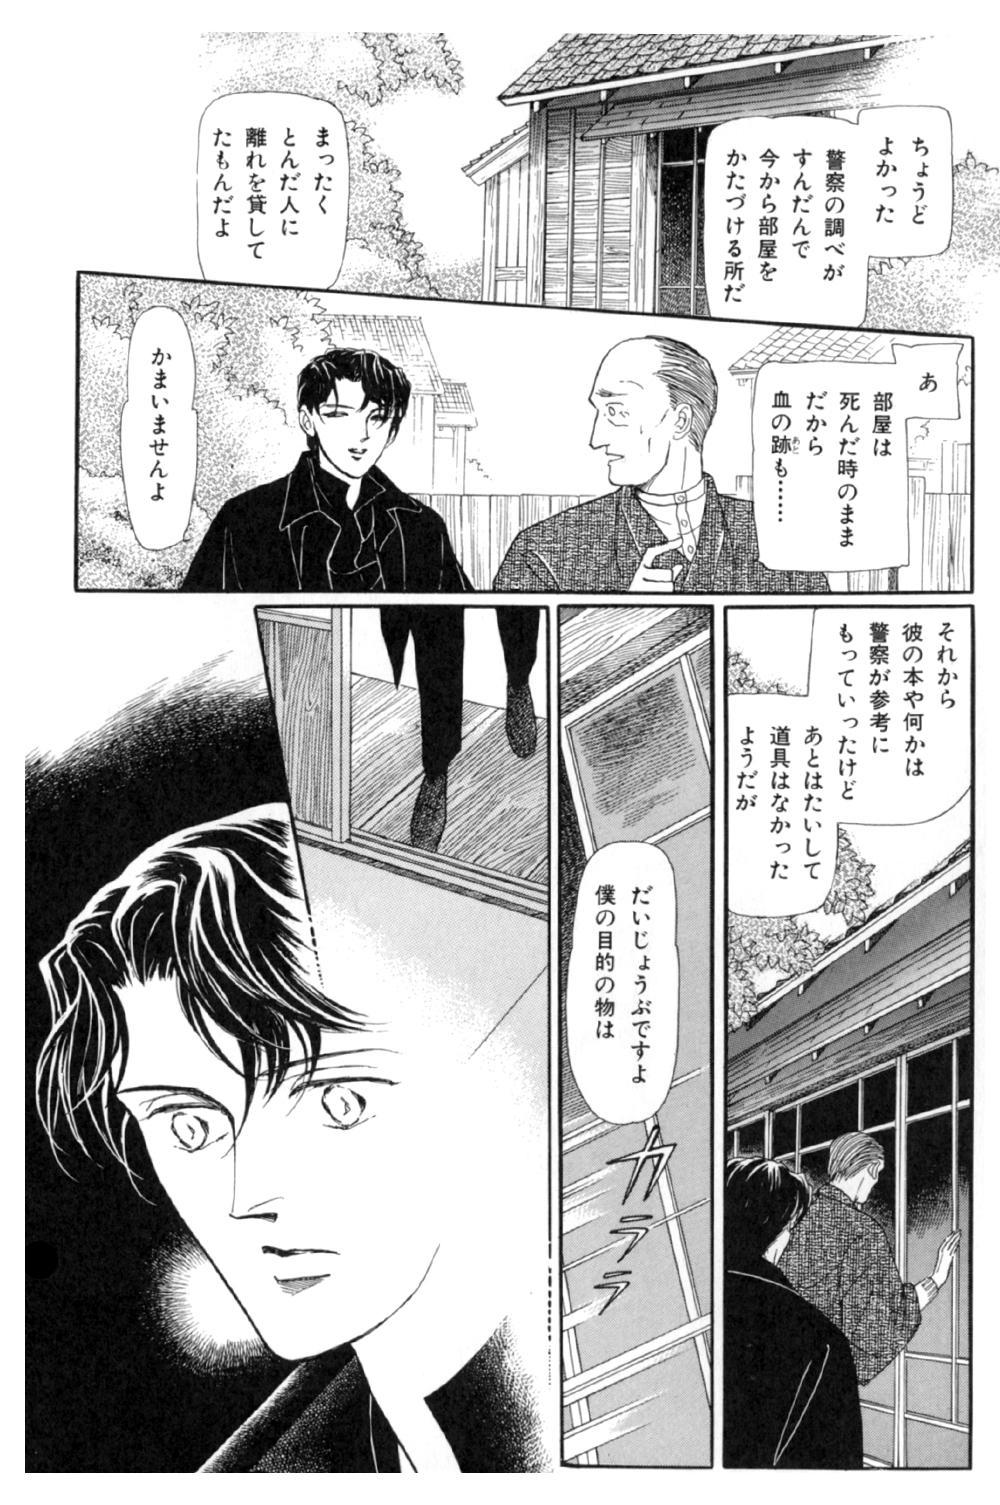 雨柳堂夢咄 第1話「花椿の恋」②uryu20.jpg